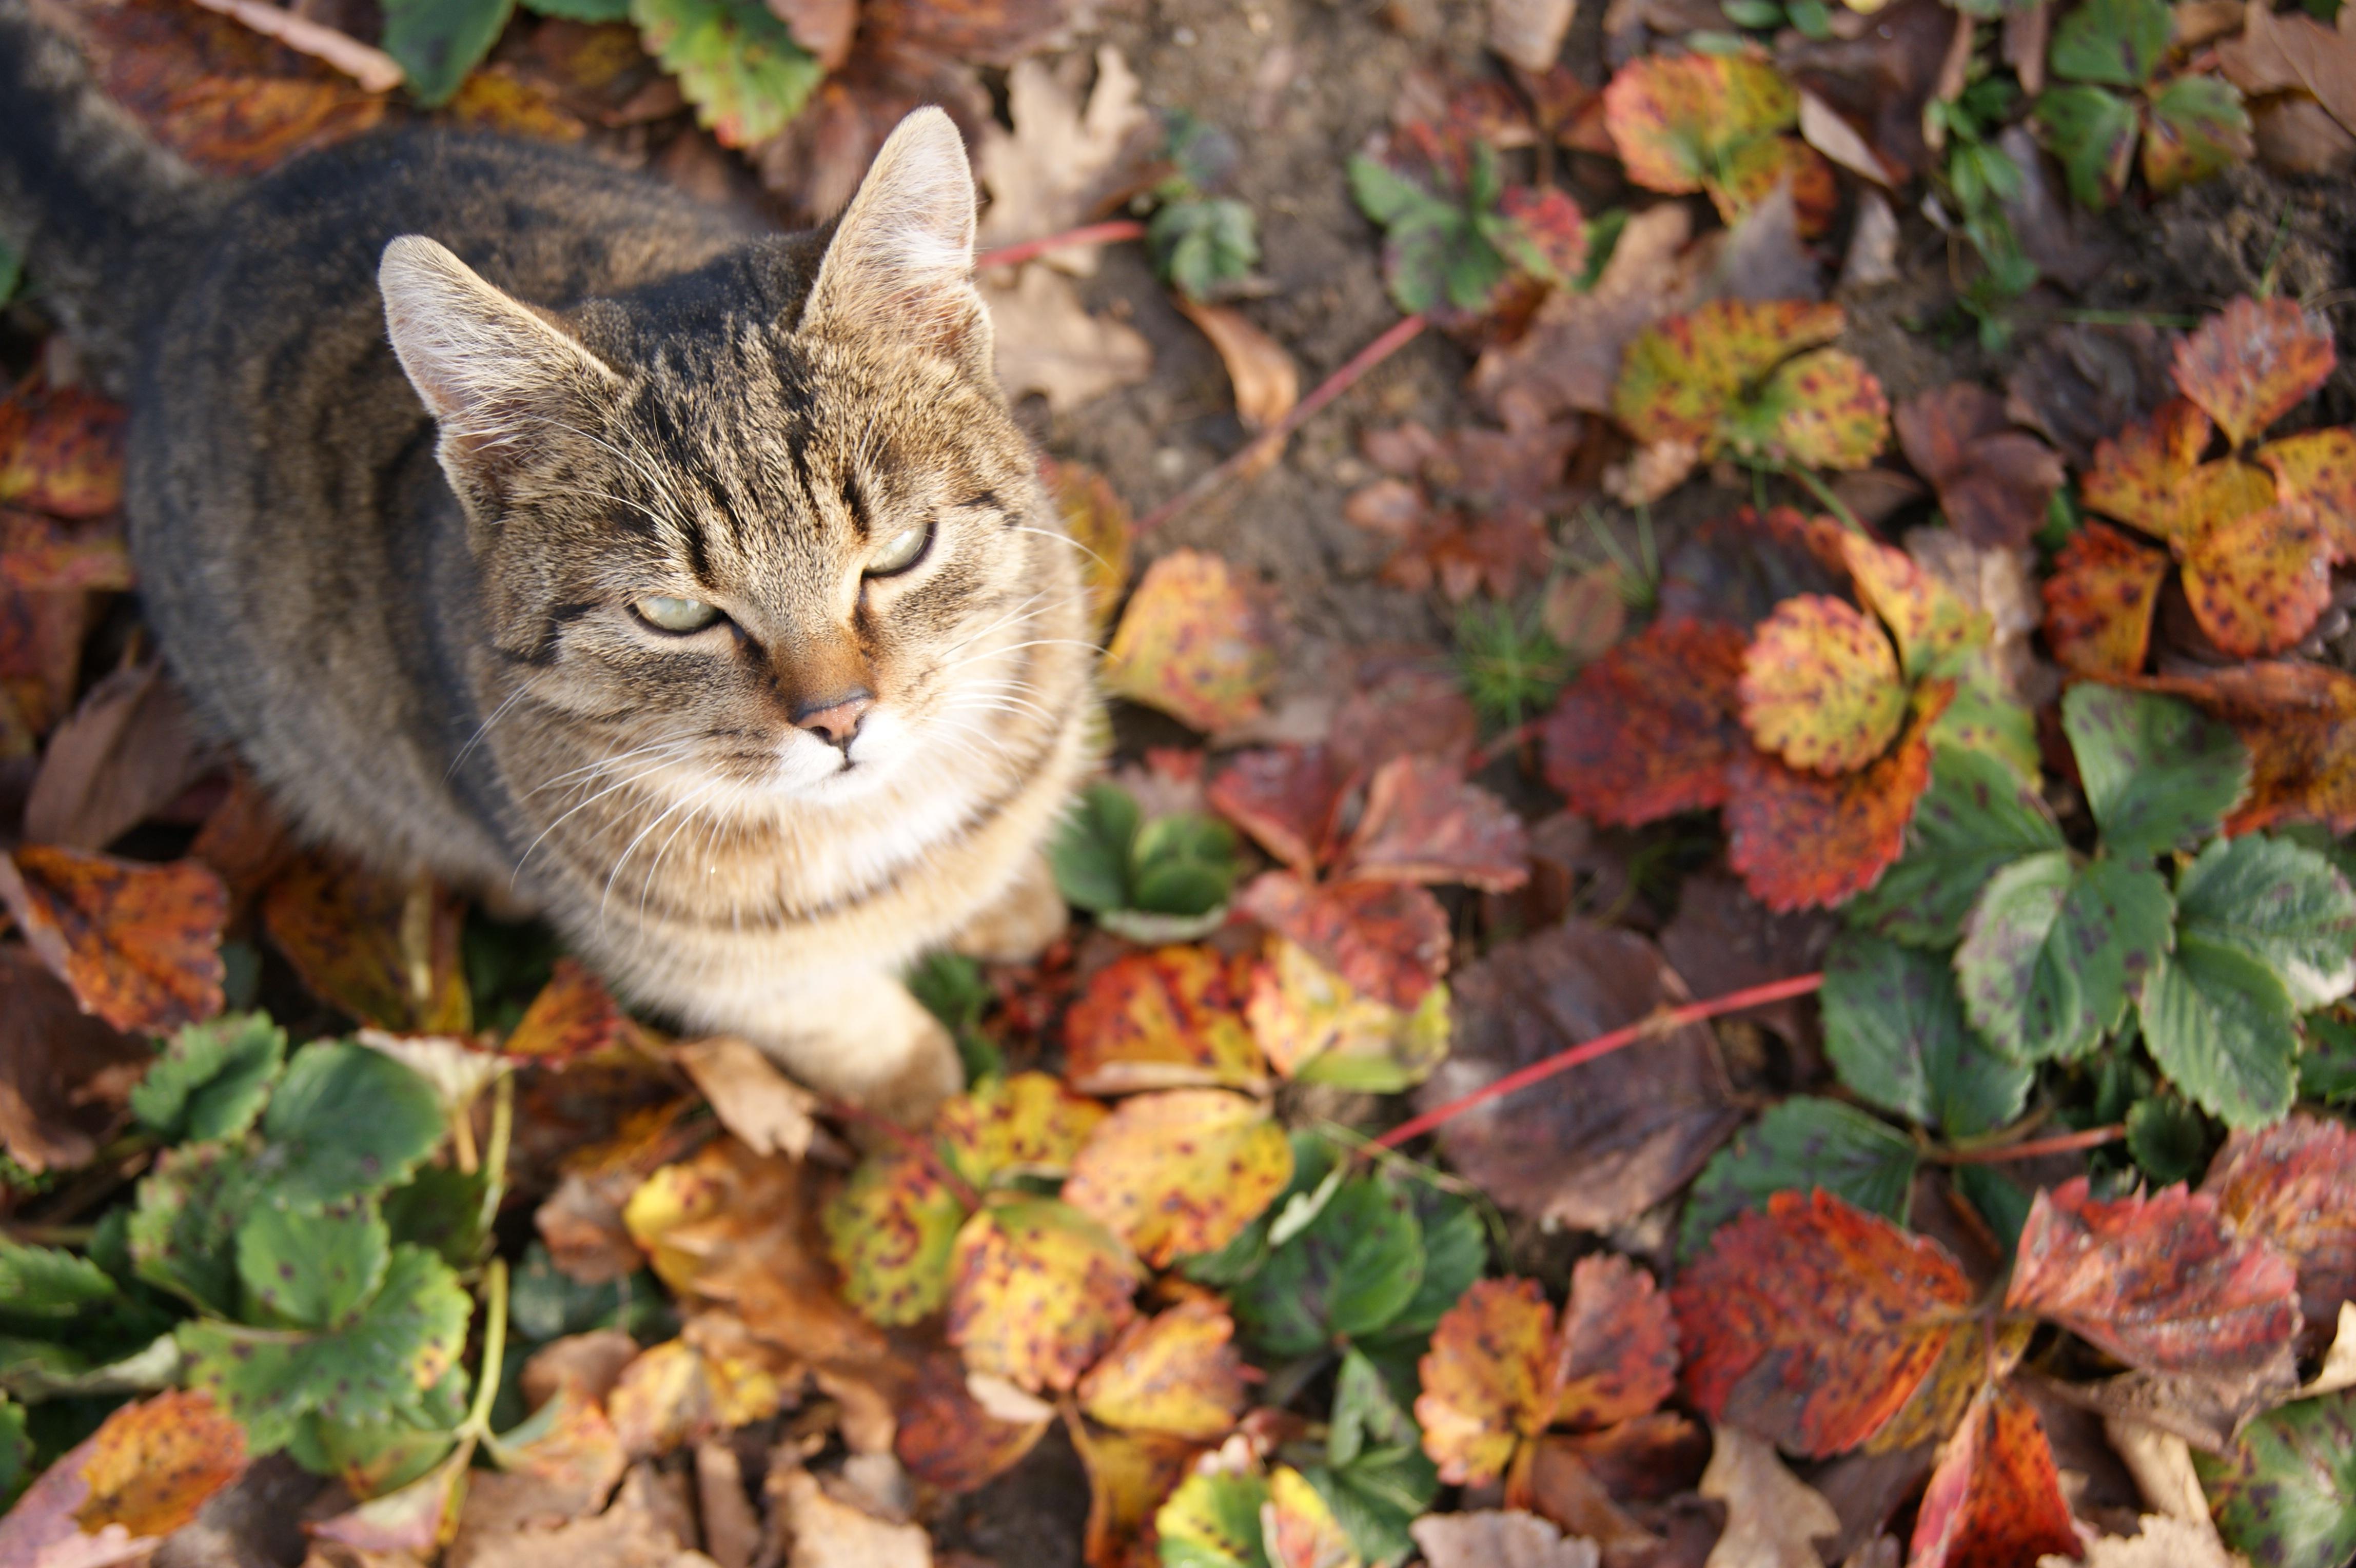 autunno fauna vertebrato fragole occhi di gatto un giovane gattino Gli occhi di gatto gatto Staring carcerato gatto seduto gatto selvatico